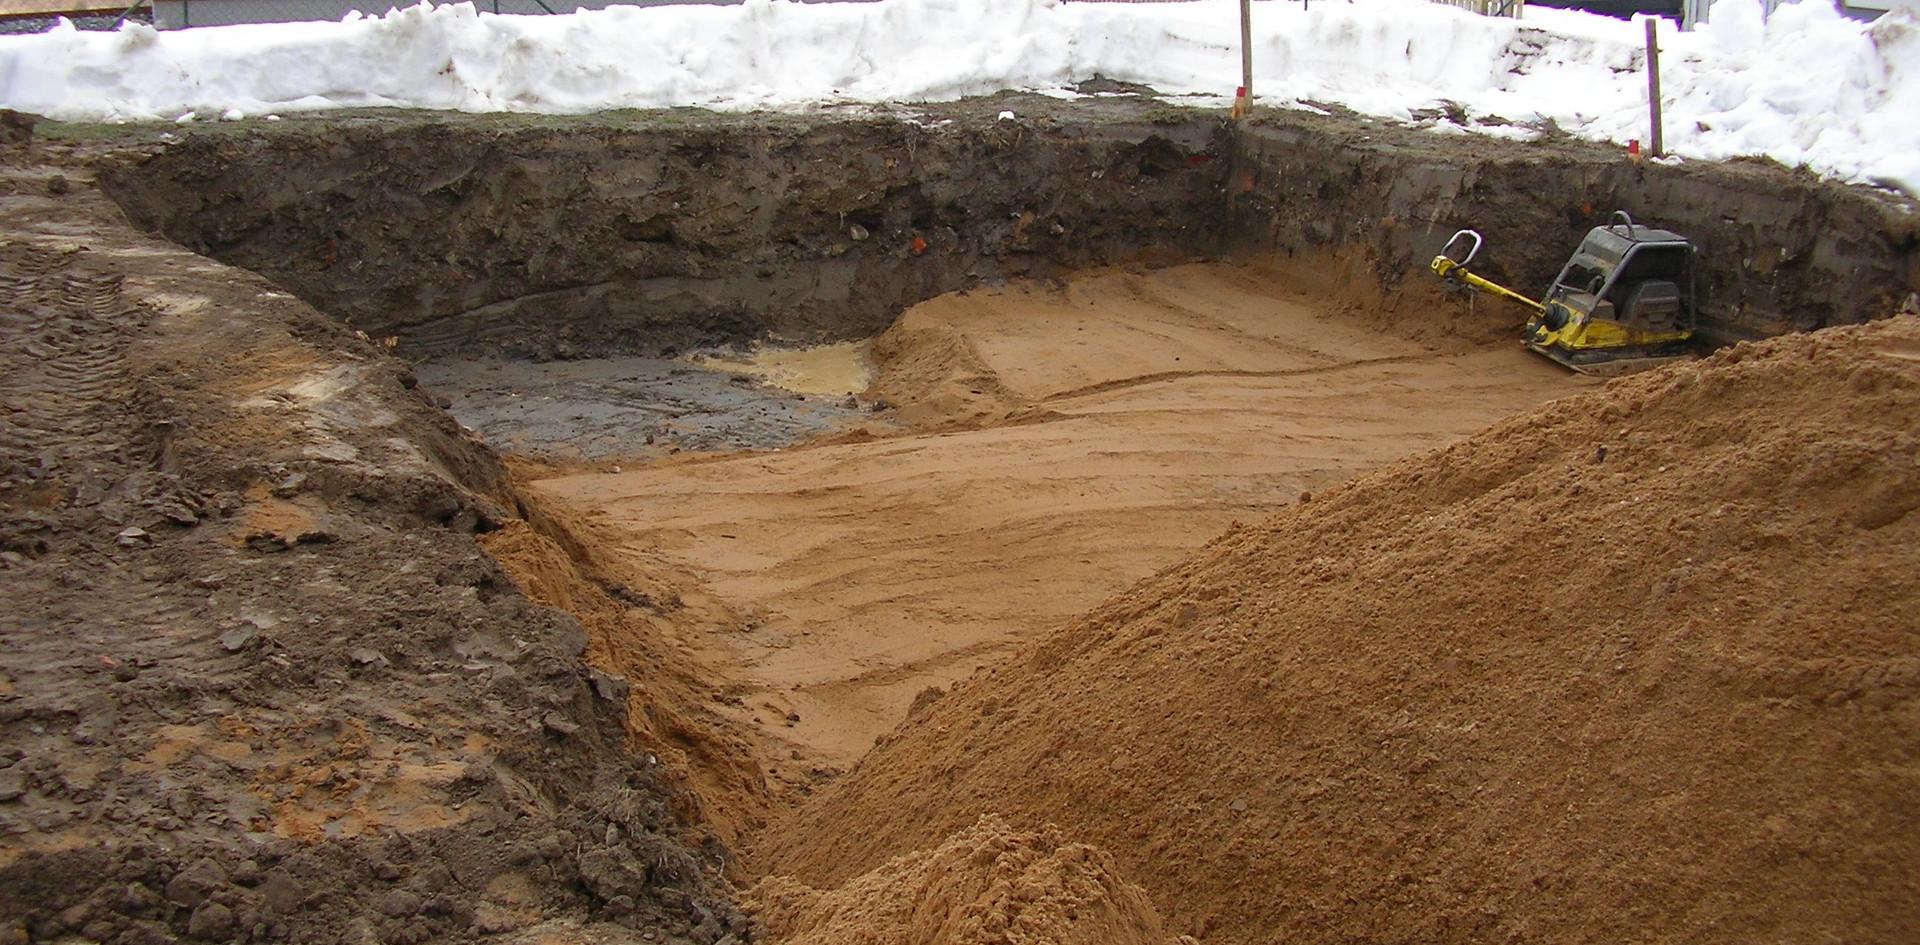 Zunächst musste der Boden durch tragfähiges Material ausgetauscht werden. .. Das Verdichten war extrem wichtig für die spätere Bodendruckprüfung.